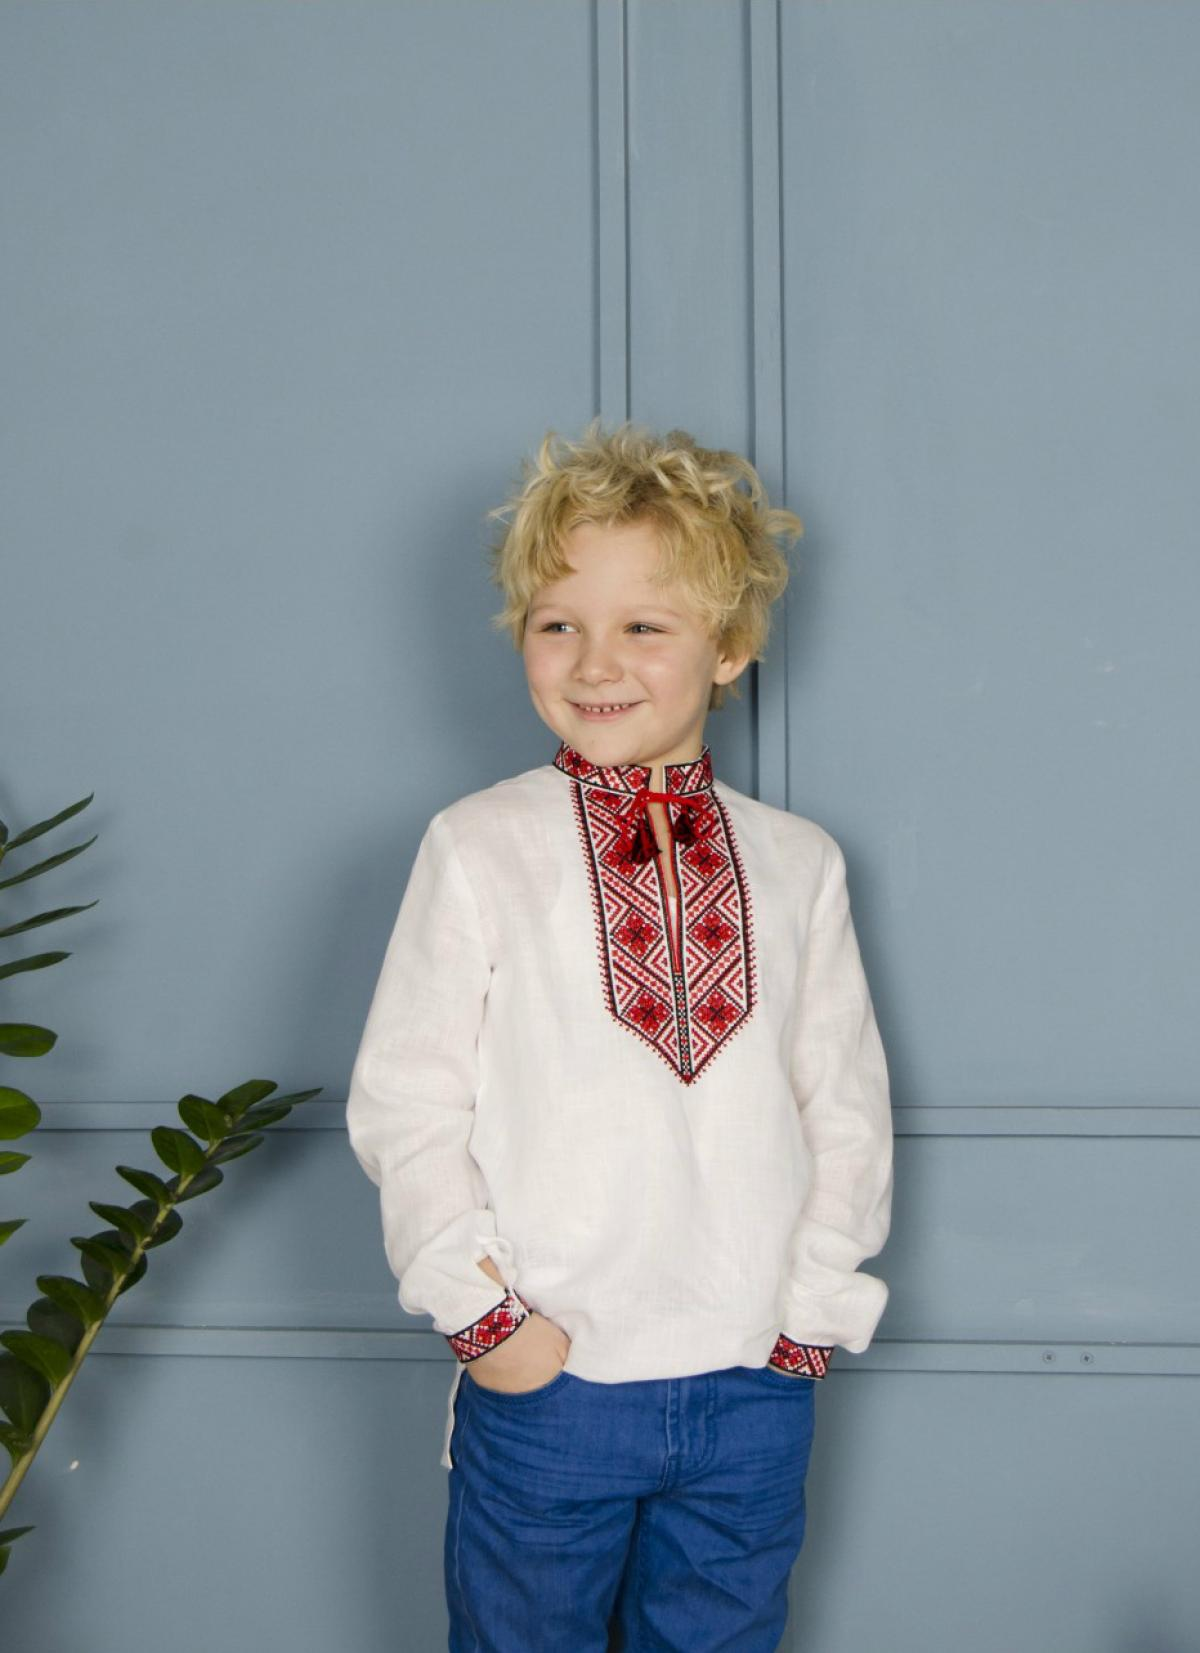 Вишиванка для хлопчика з червоно-чорною вишивкою. Фото №2. | Народний дім Україна